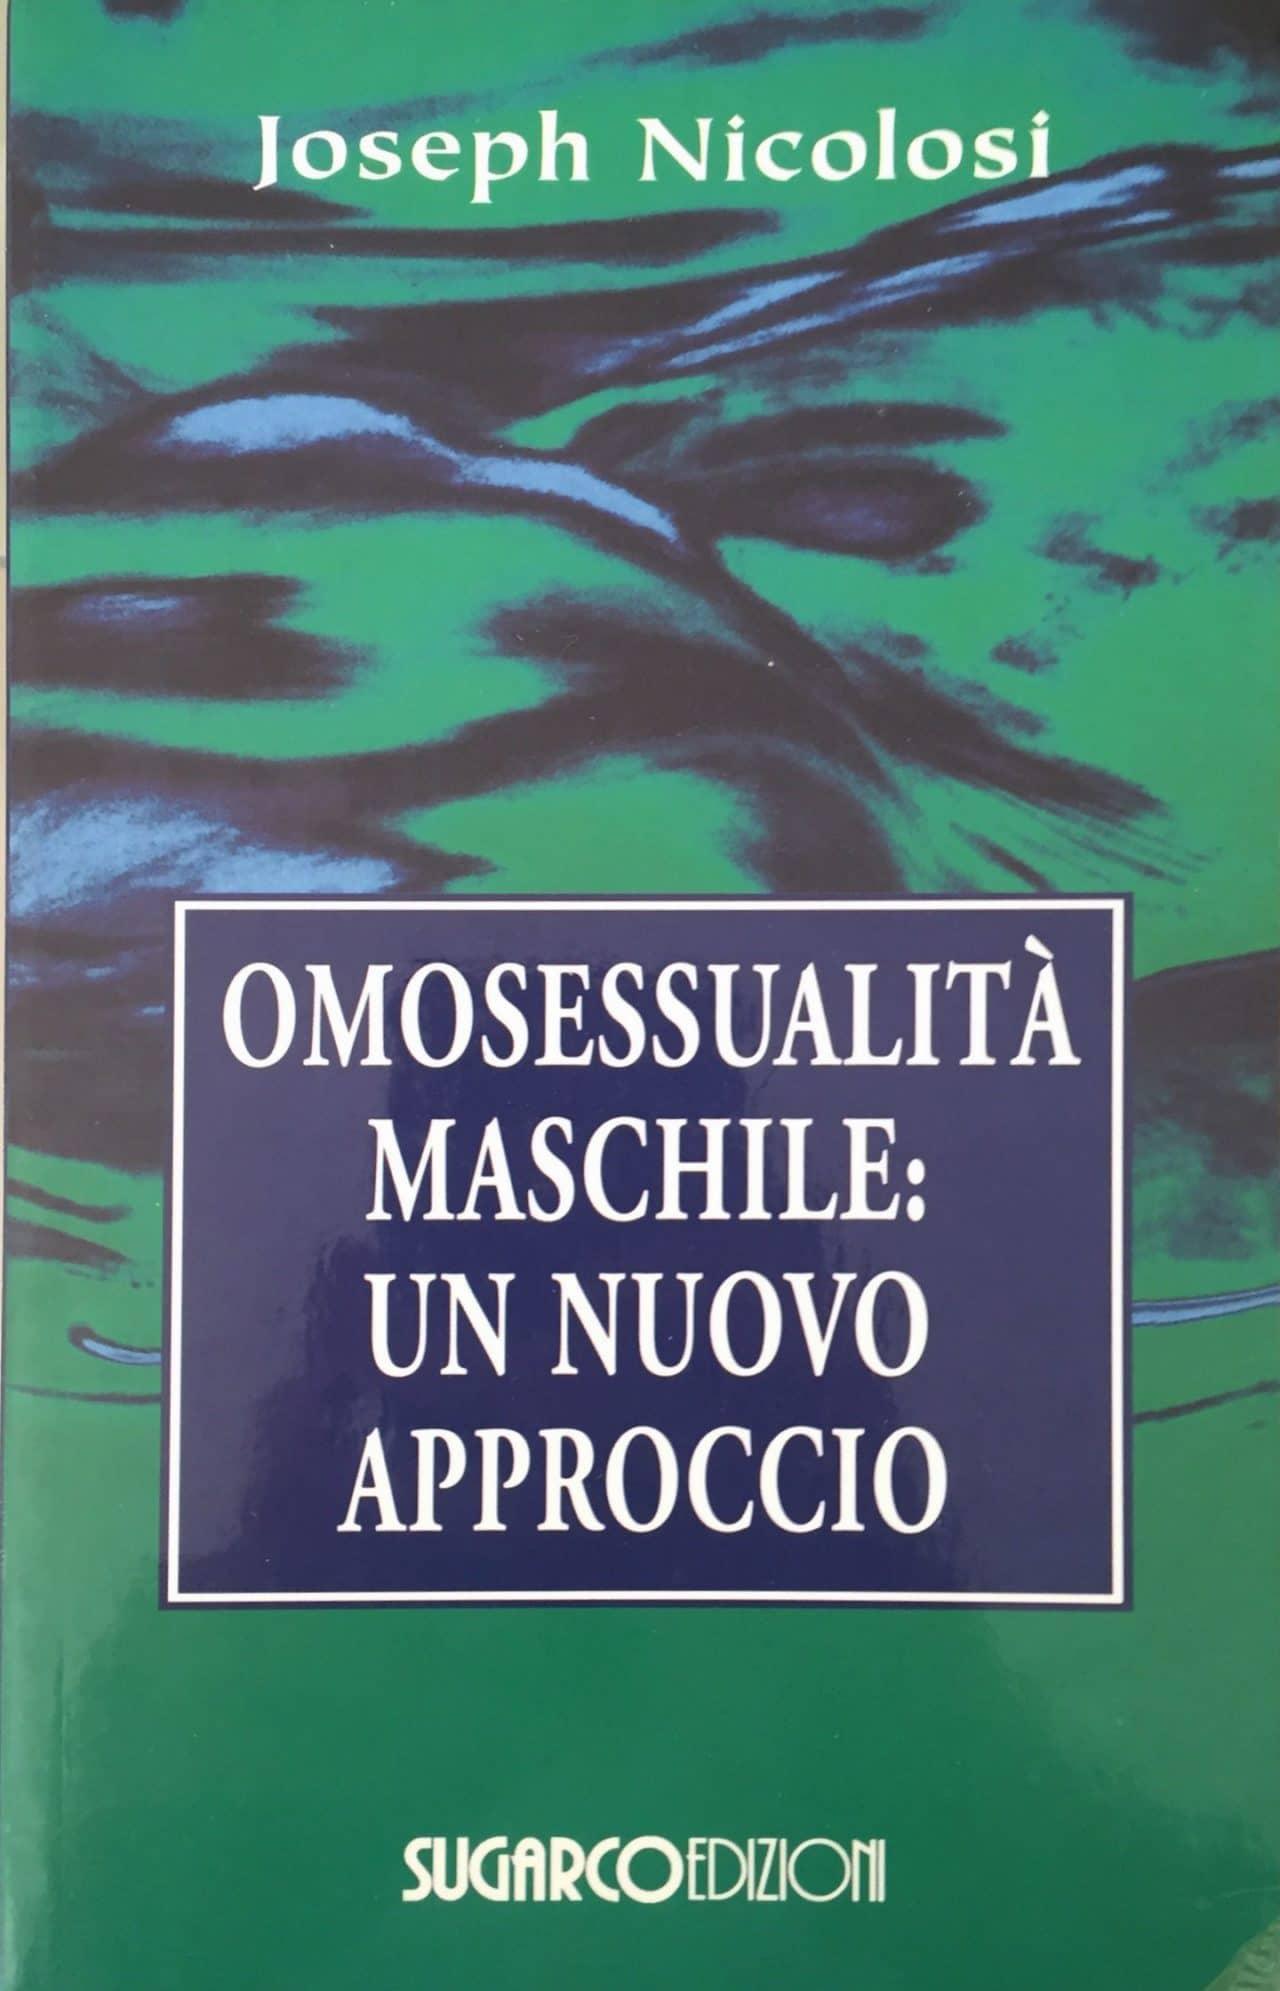 OMOSESSUALITA' MASCHILE: UN NUOVO APPROCCIO